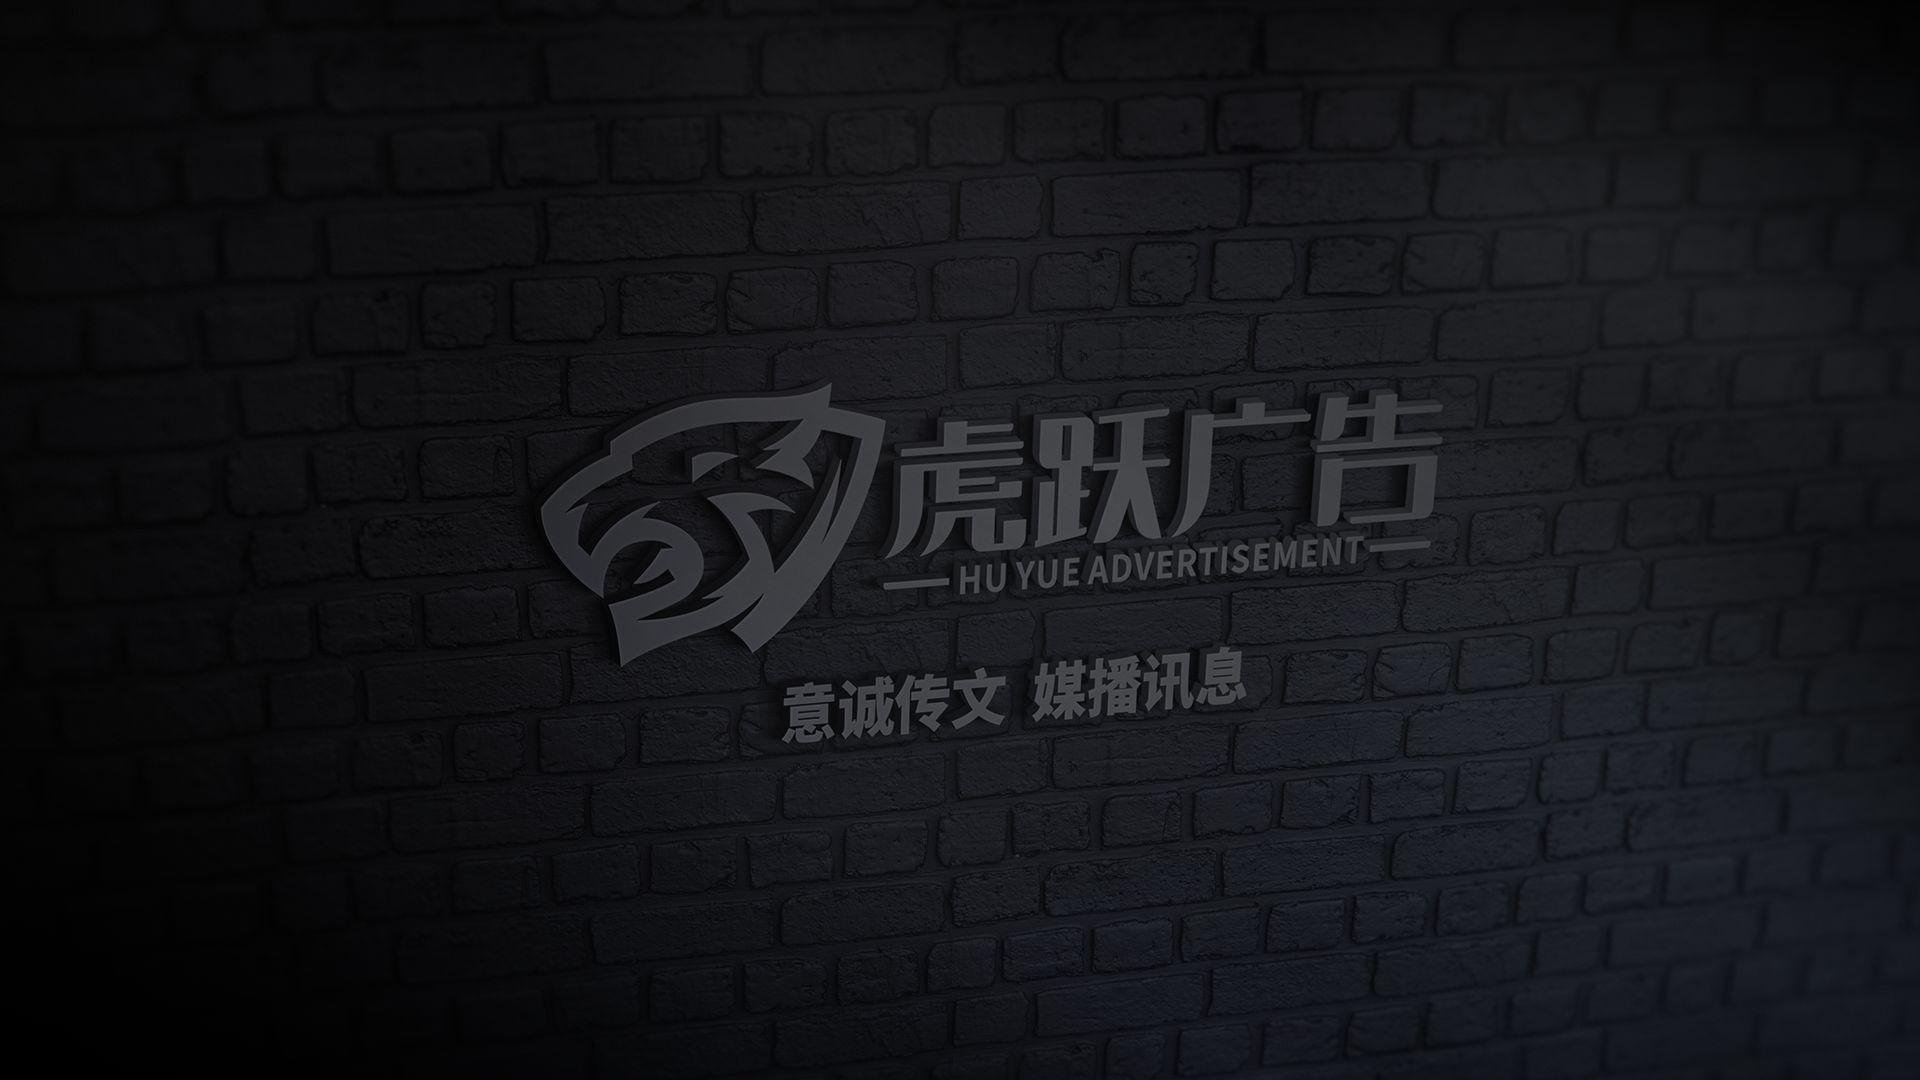 虎跃广告-3.jpg